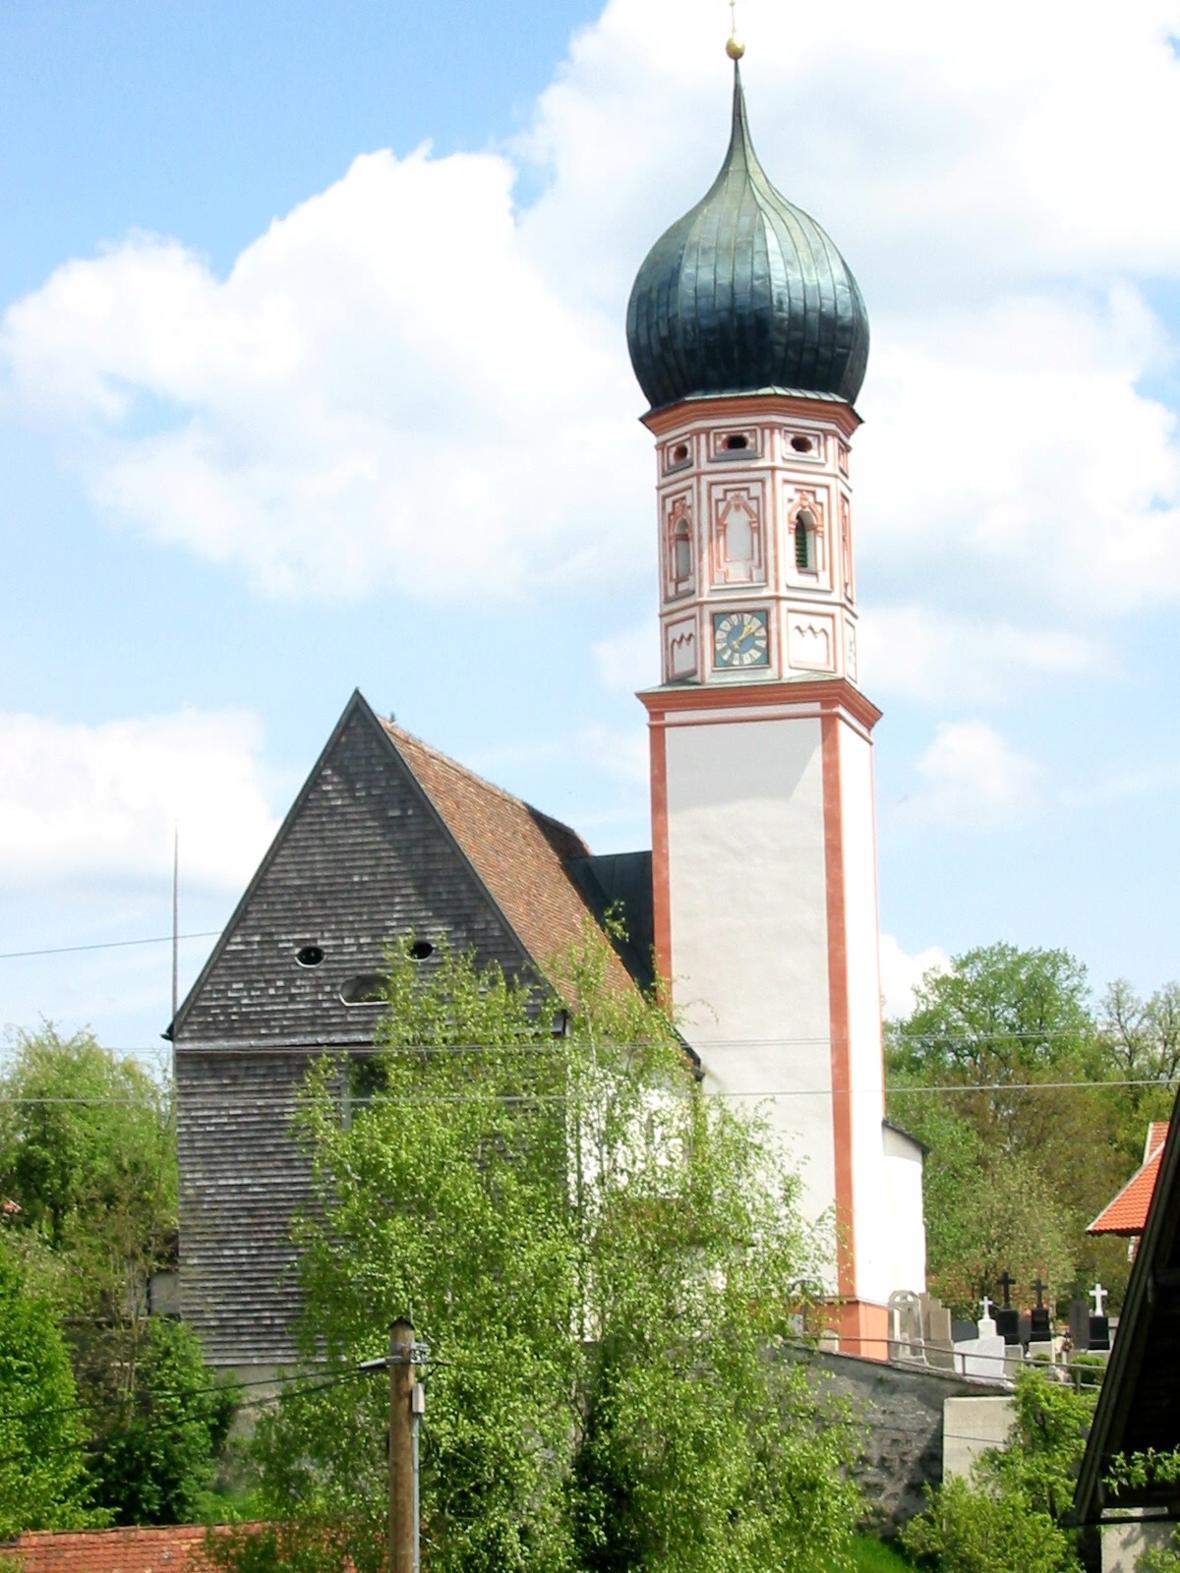 St. Agatha in Uffing